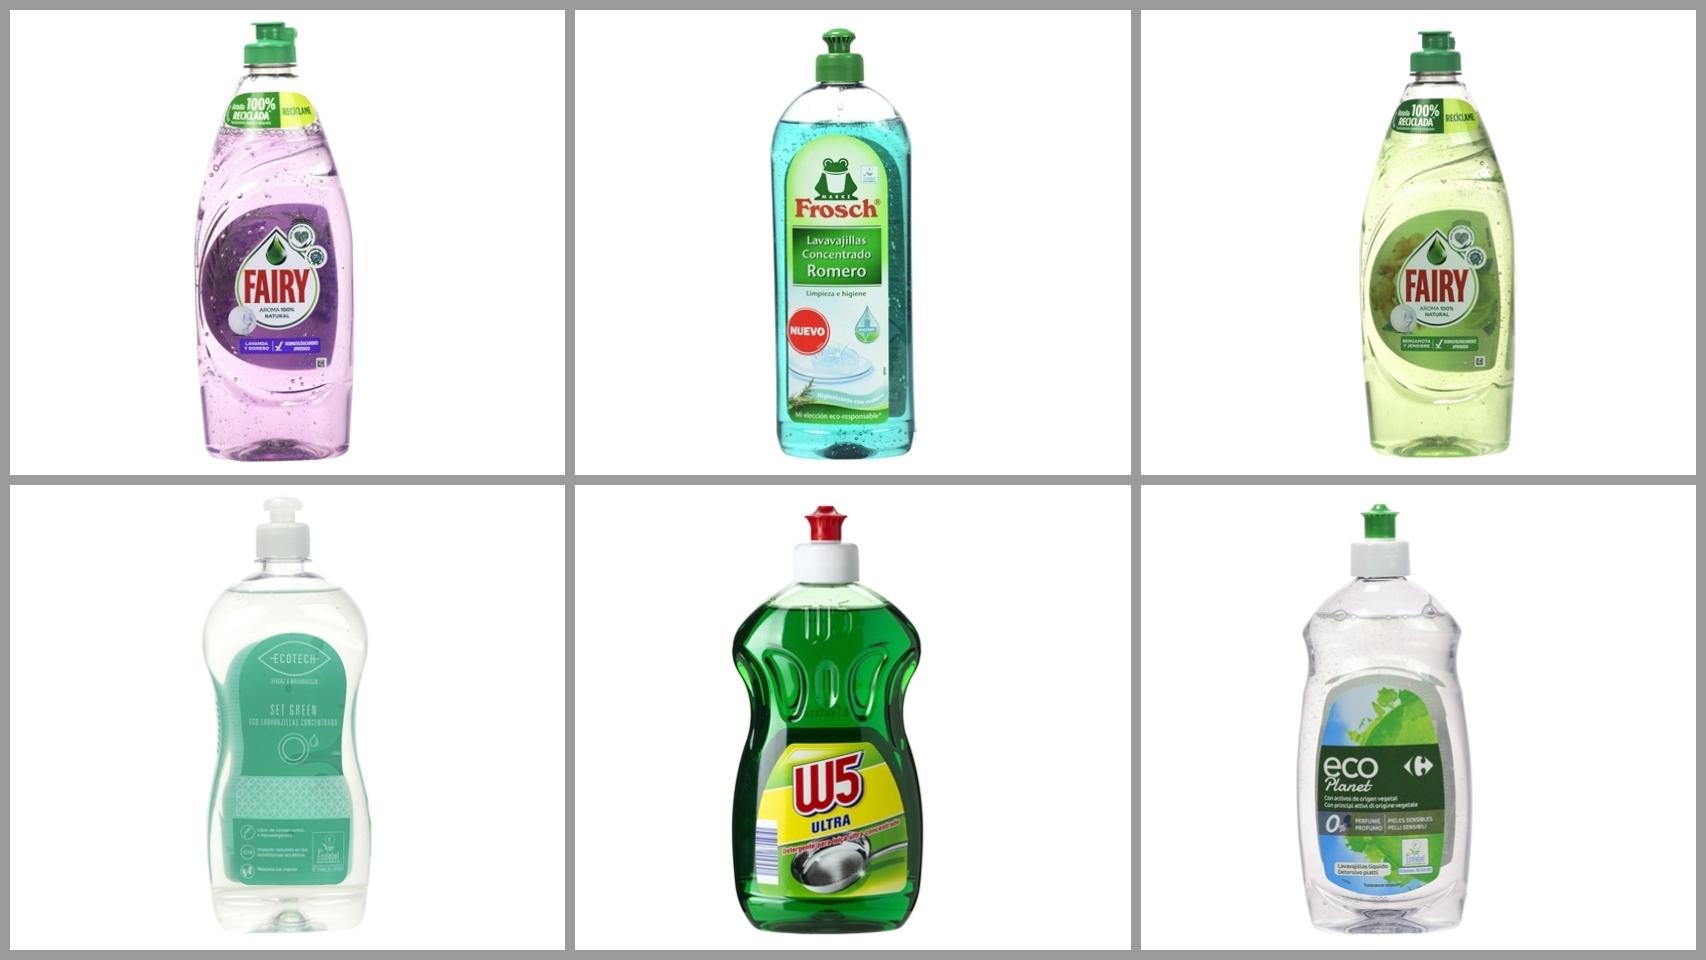 La nueva lista de los 12 mejores detergentes lavavajillas a mano: los hay por 0,70 €